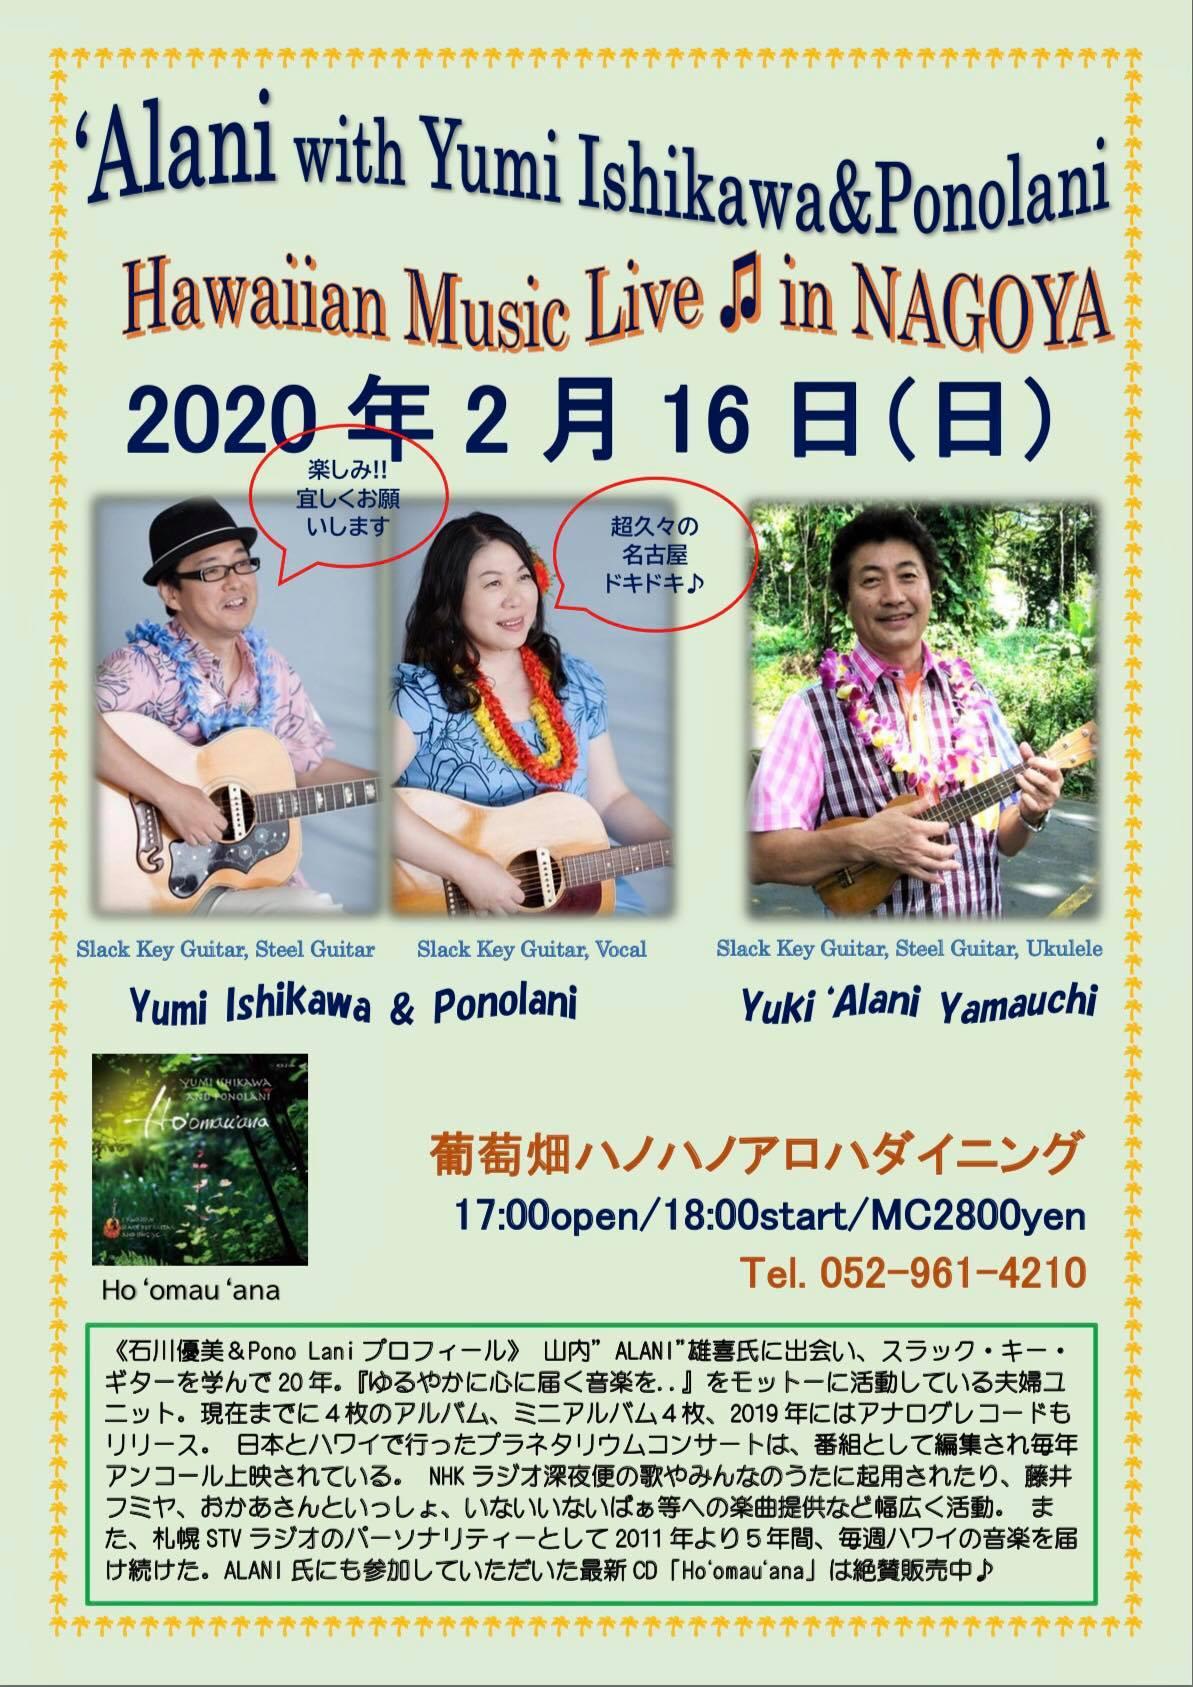 愛知 ʻAlani with Yumi Ishikawa & Ponolani Hawaiian Music Live in Nagoya @ 葡萄畑 Hanohano Aloha Dining | 名古屋市 | 愛知県 | 日本